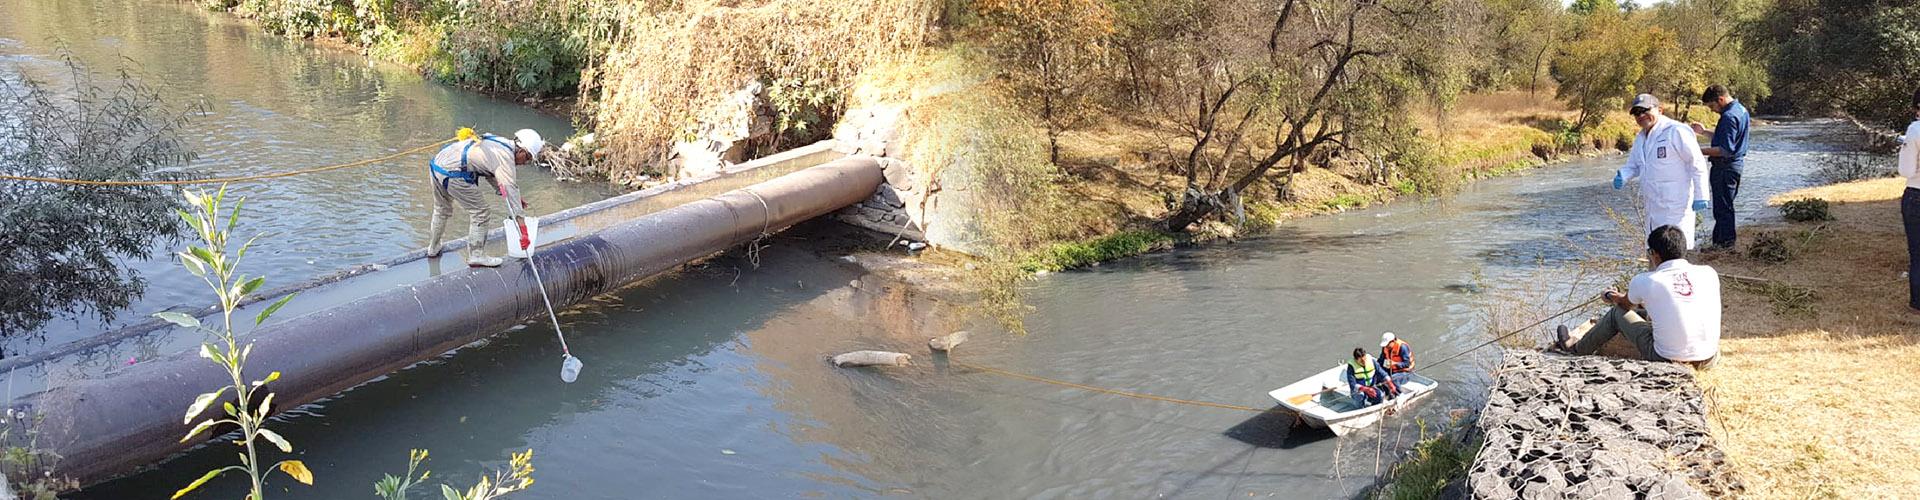 Reconoce ONU al IPN por desarrollo de tecnología para monitorear contaminación de agua